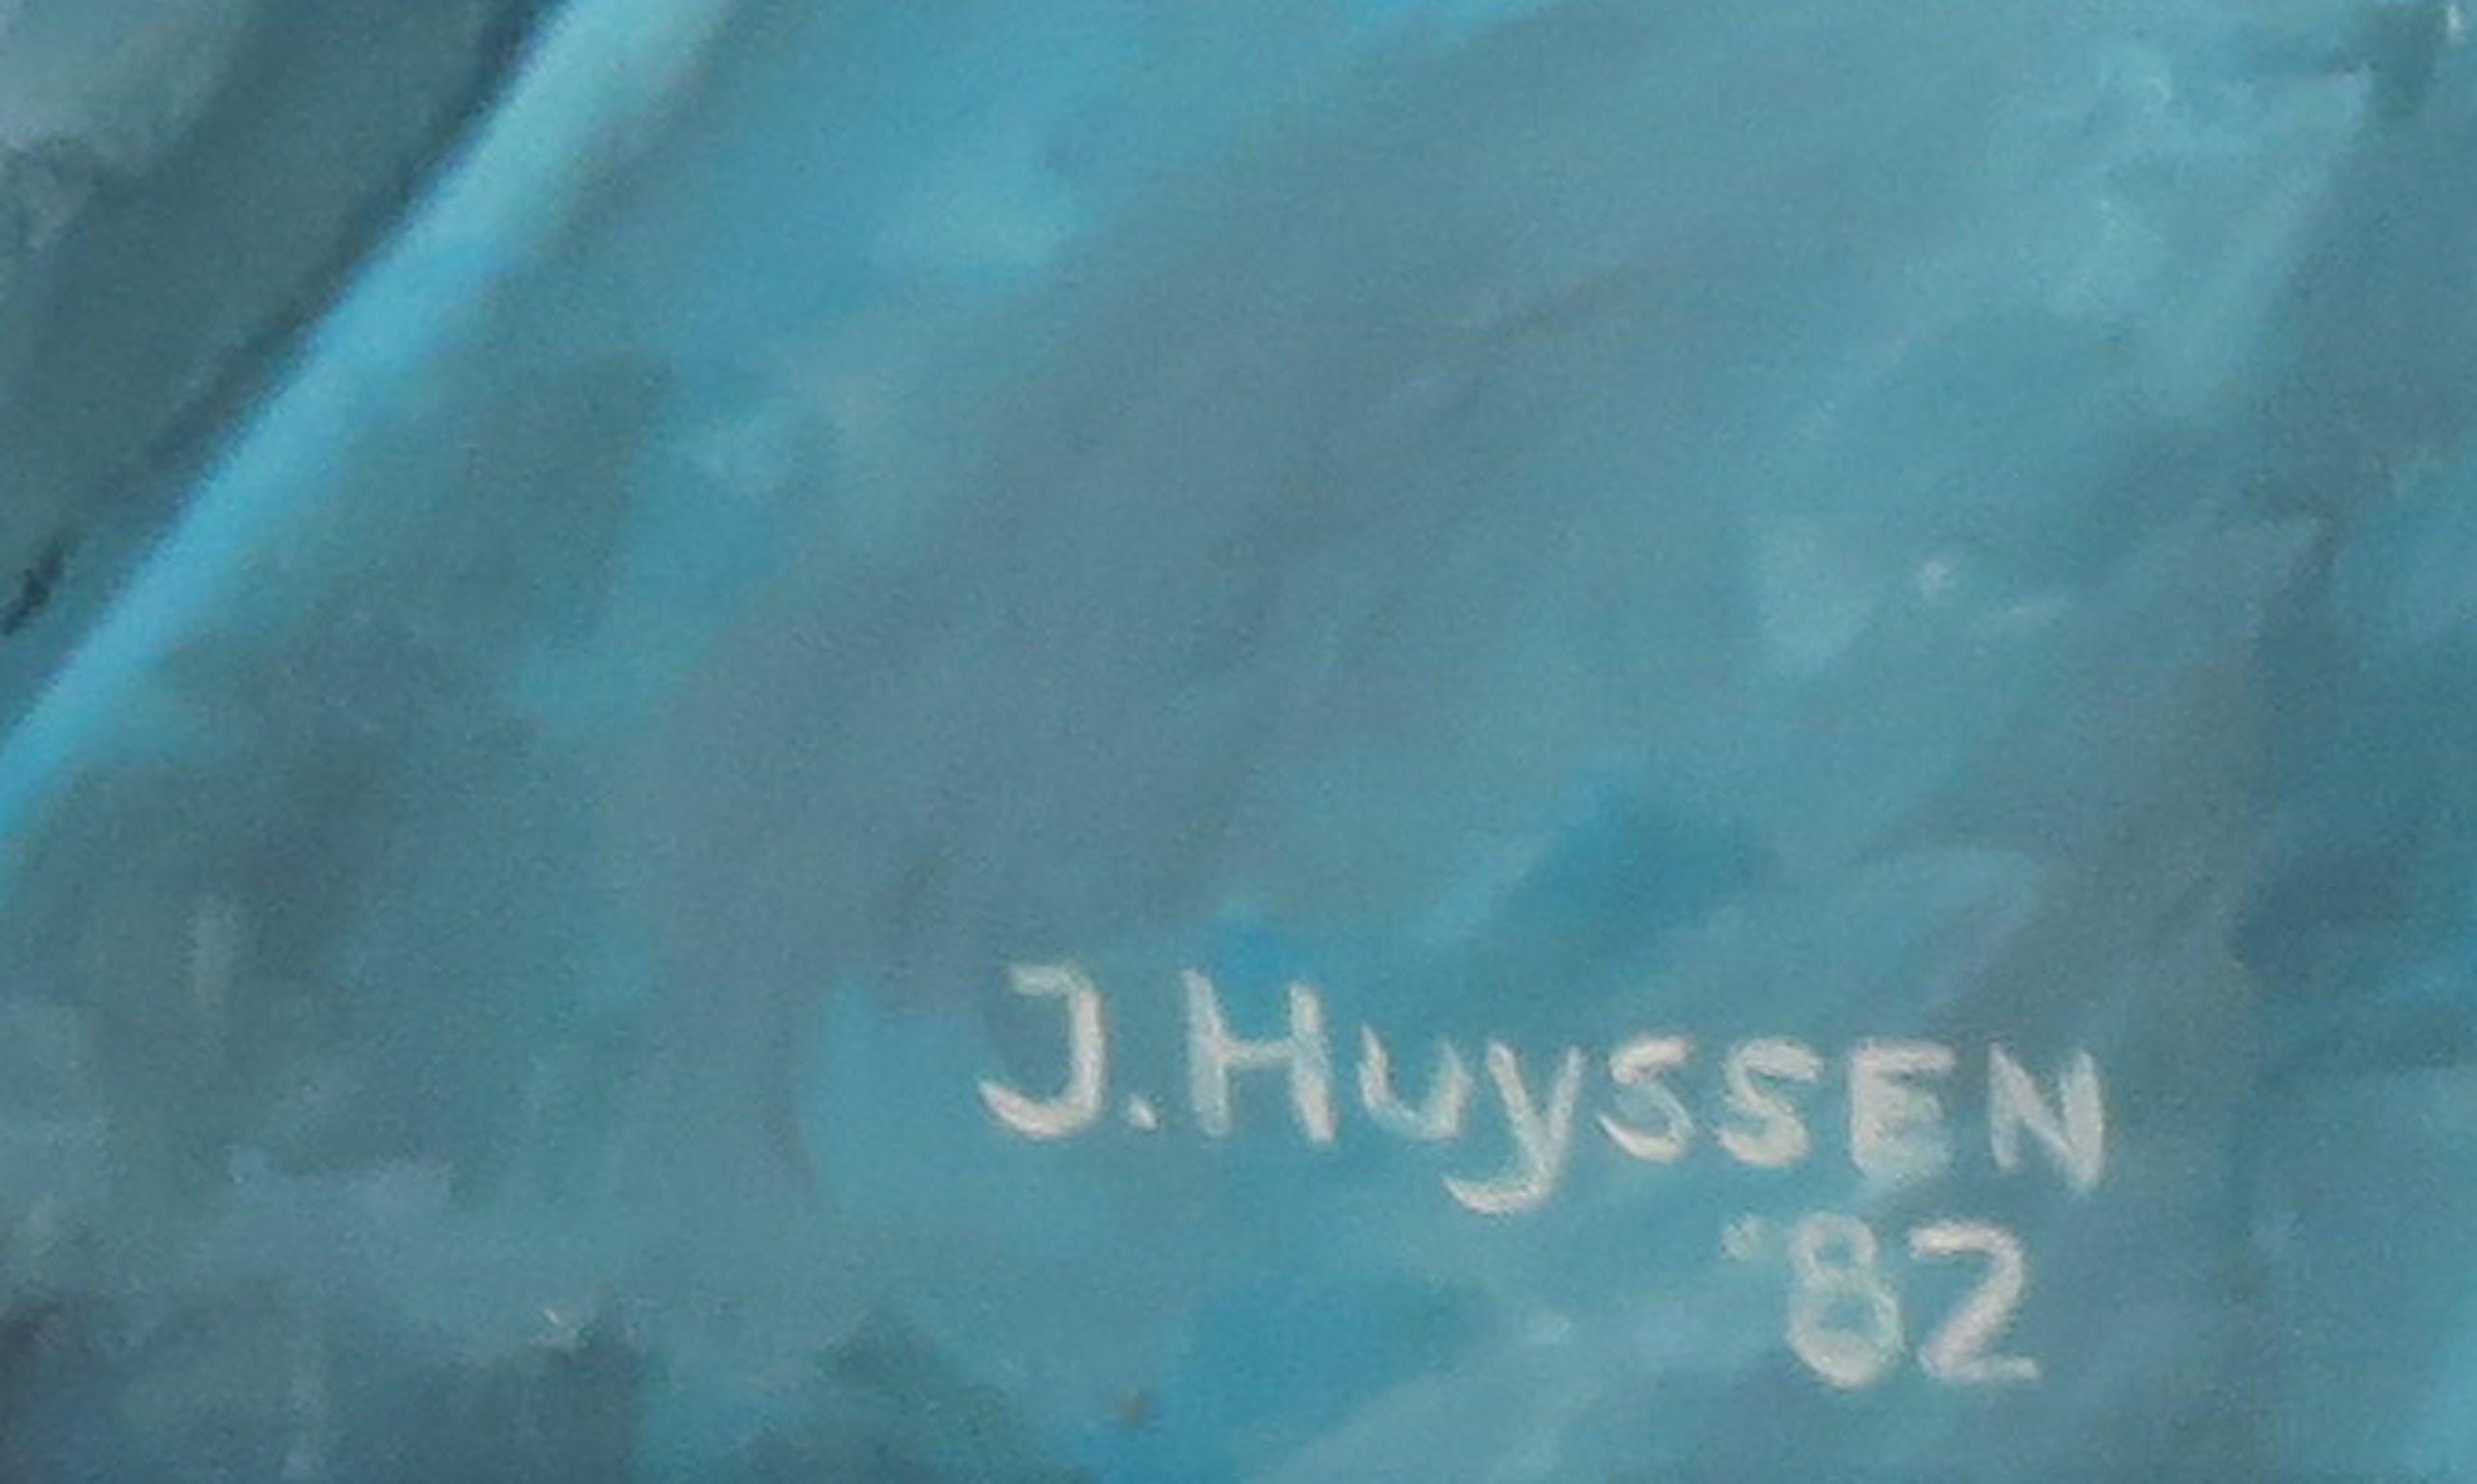 J. Huyssen - Olieverf op doek, Visser - Ingelijst kopen? Bied vanaf 100!